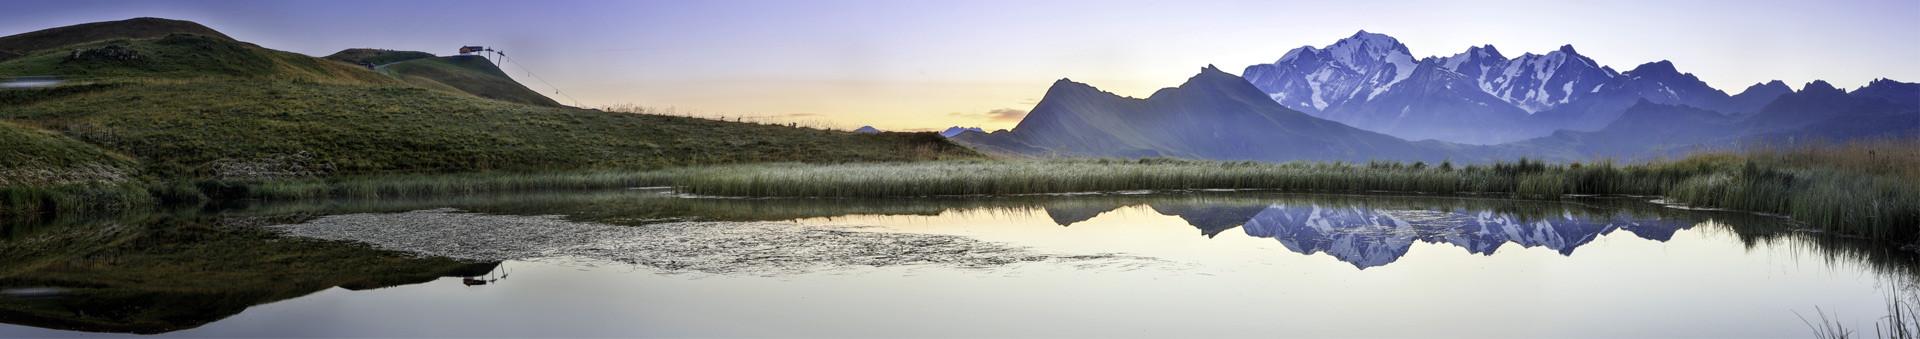 pechette-lac-mont-blanc-2564